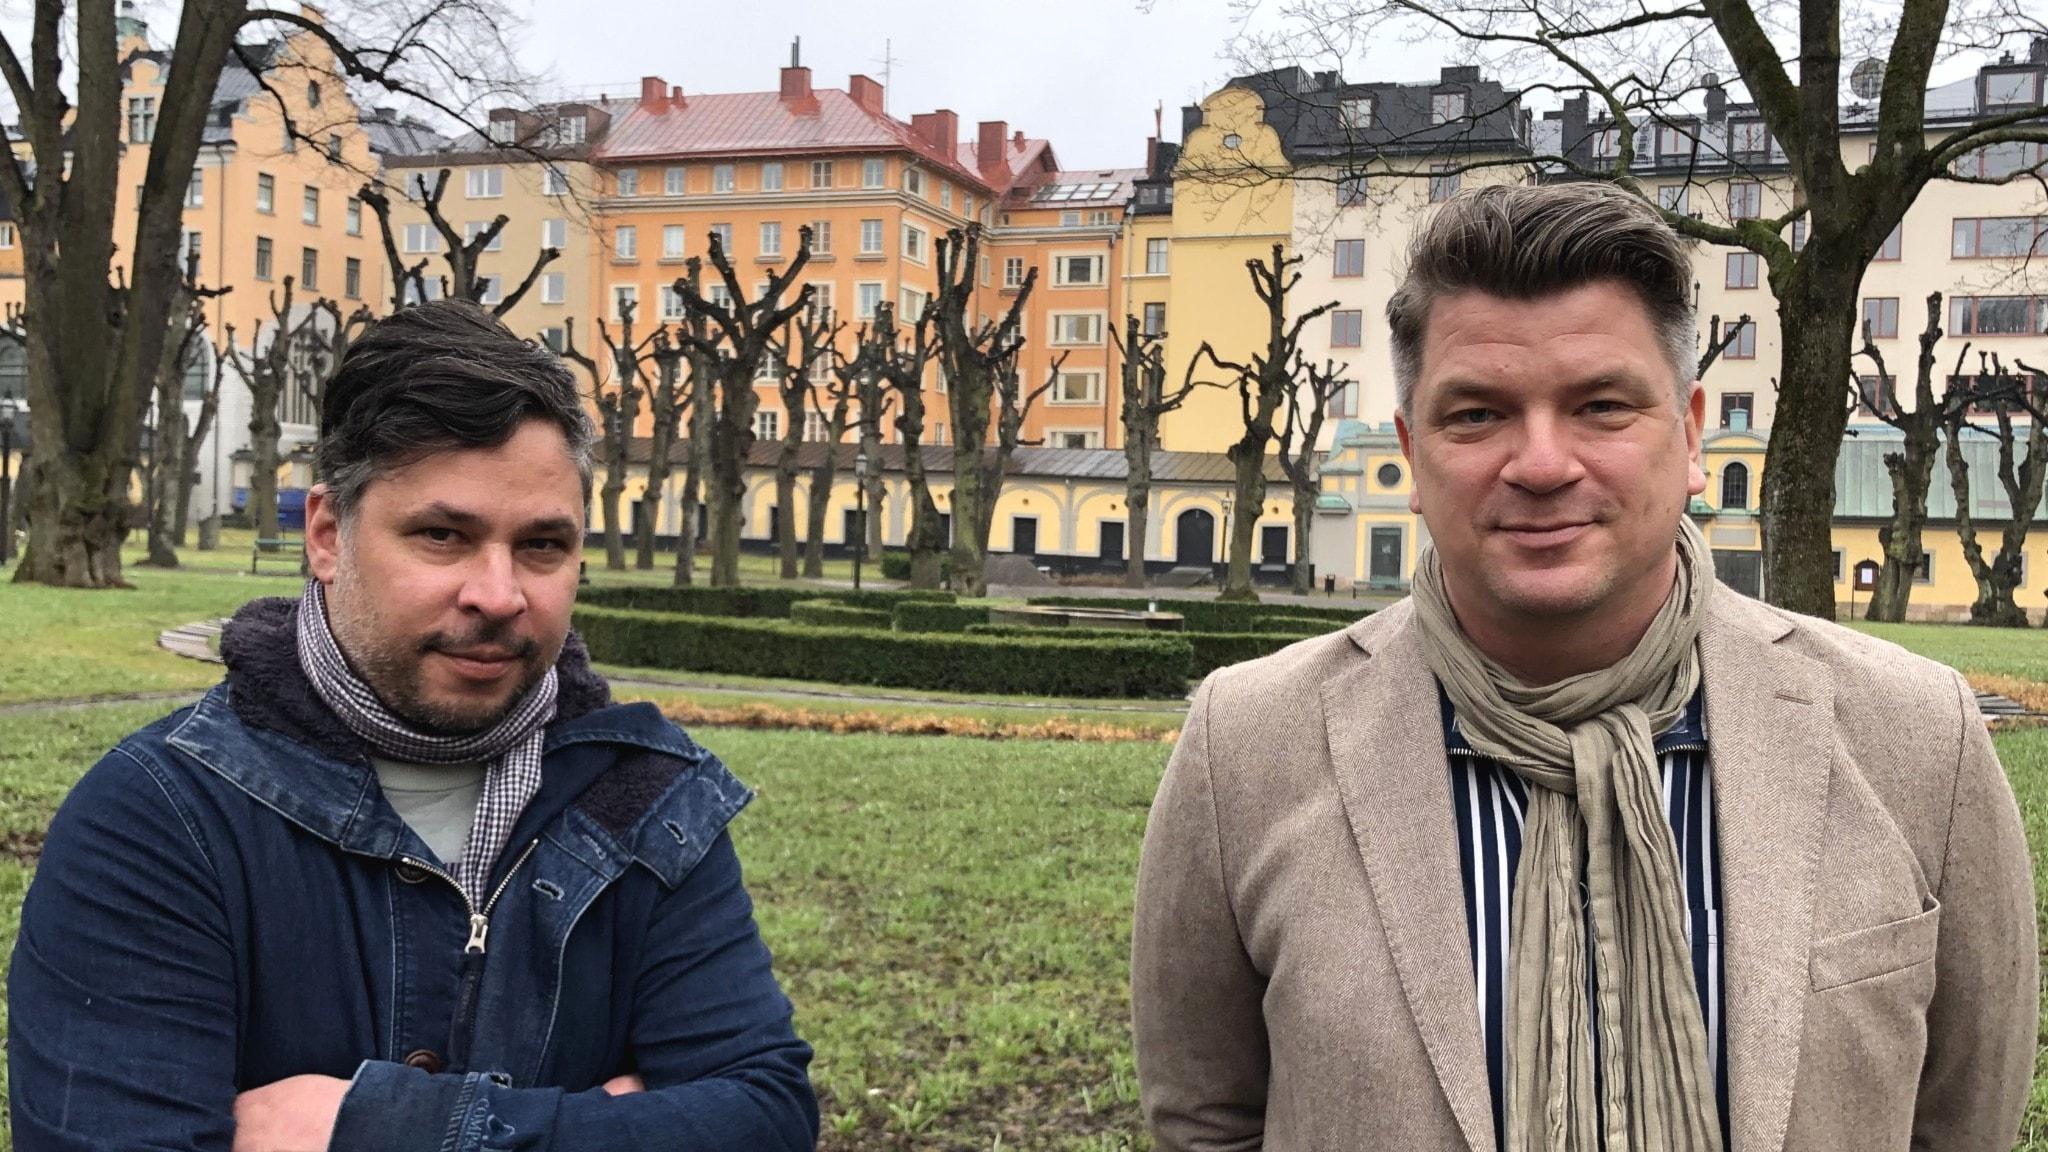 Mats Strandberg och Martin Wicklin står på en kyrkogård